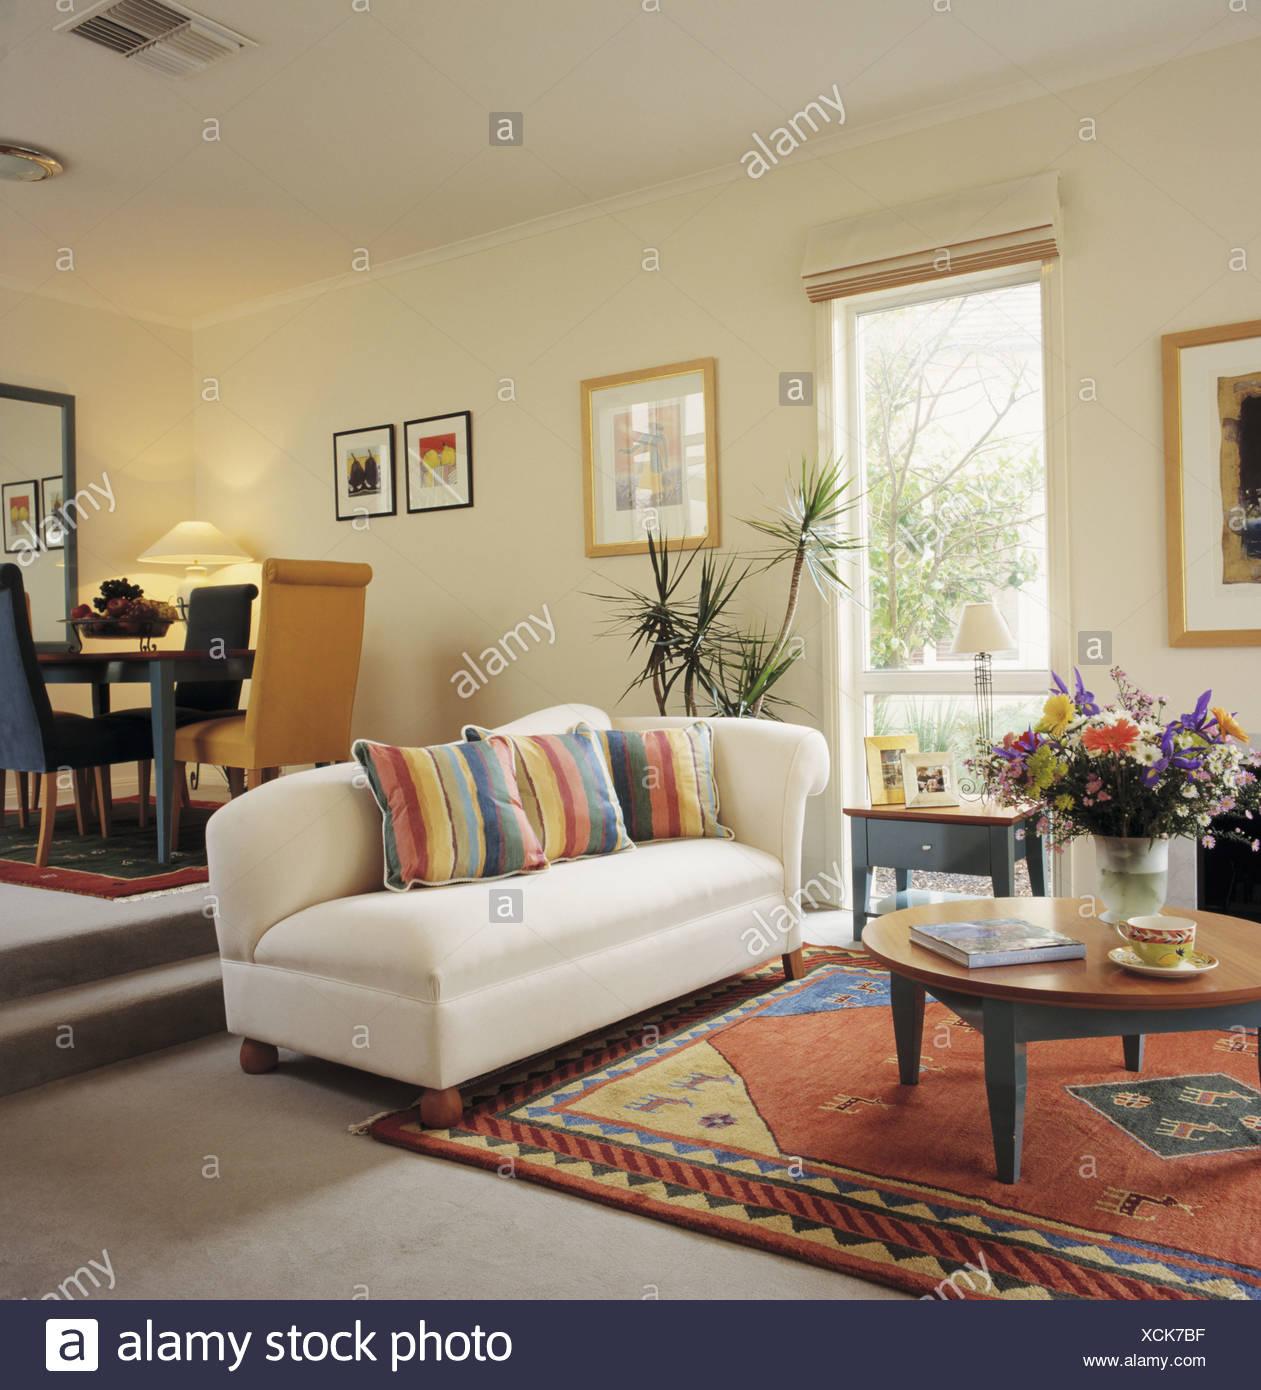 Bunt gestreifte Kissen auf weißen Sofa und gemusterten Teppich in ...